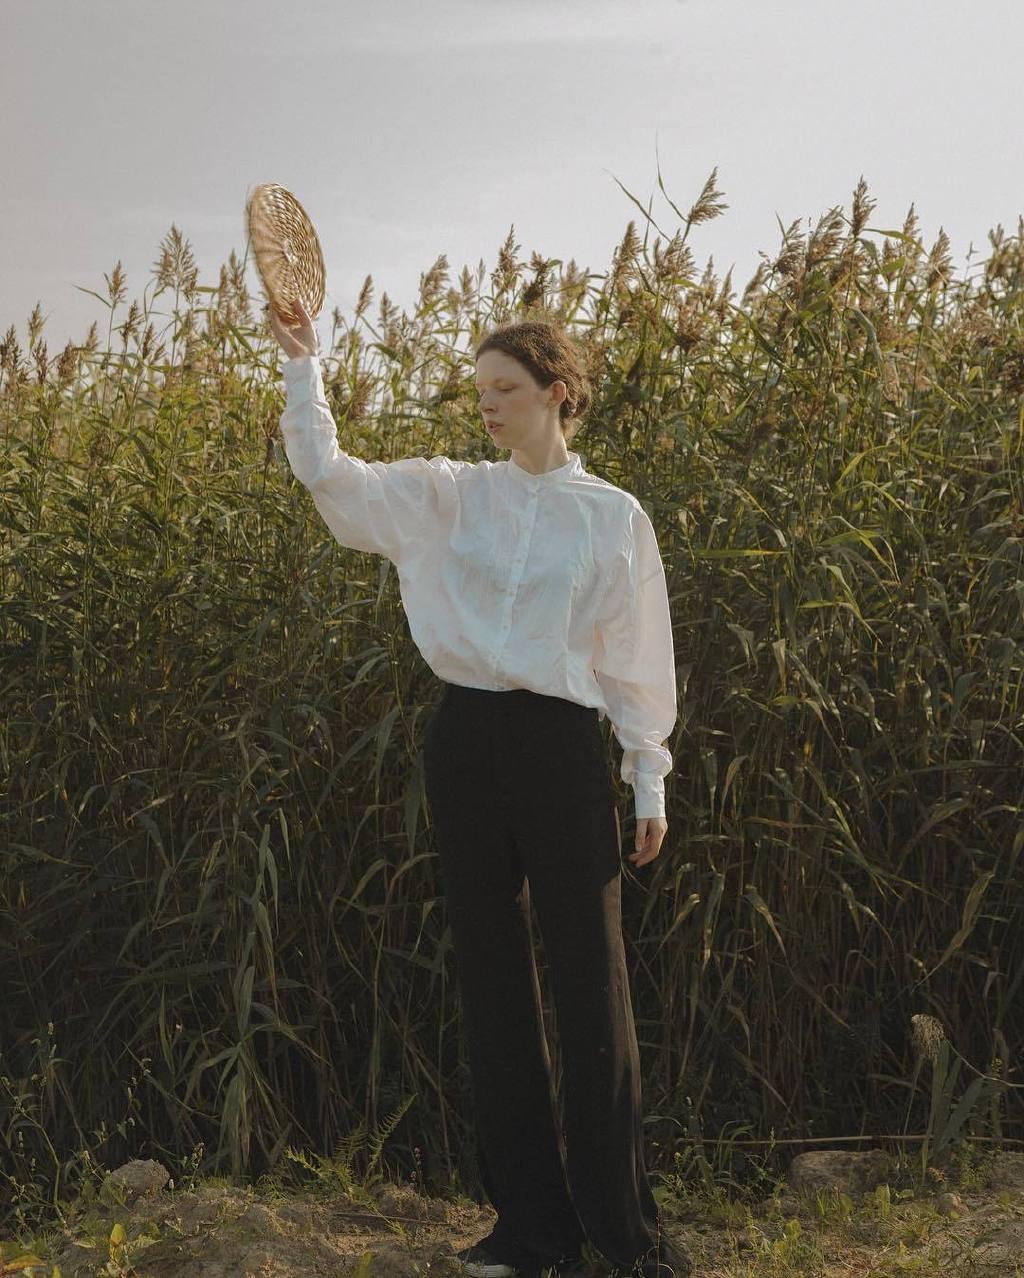 俄罗斯摄影师Anastasia Lisitsyna的人像摄影作品 审美灵感 第4张